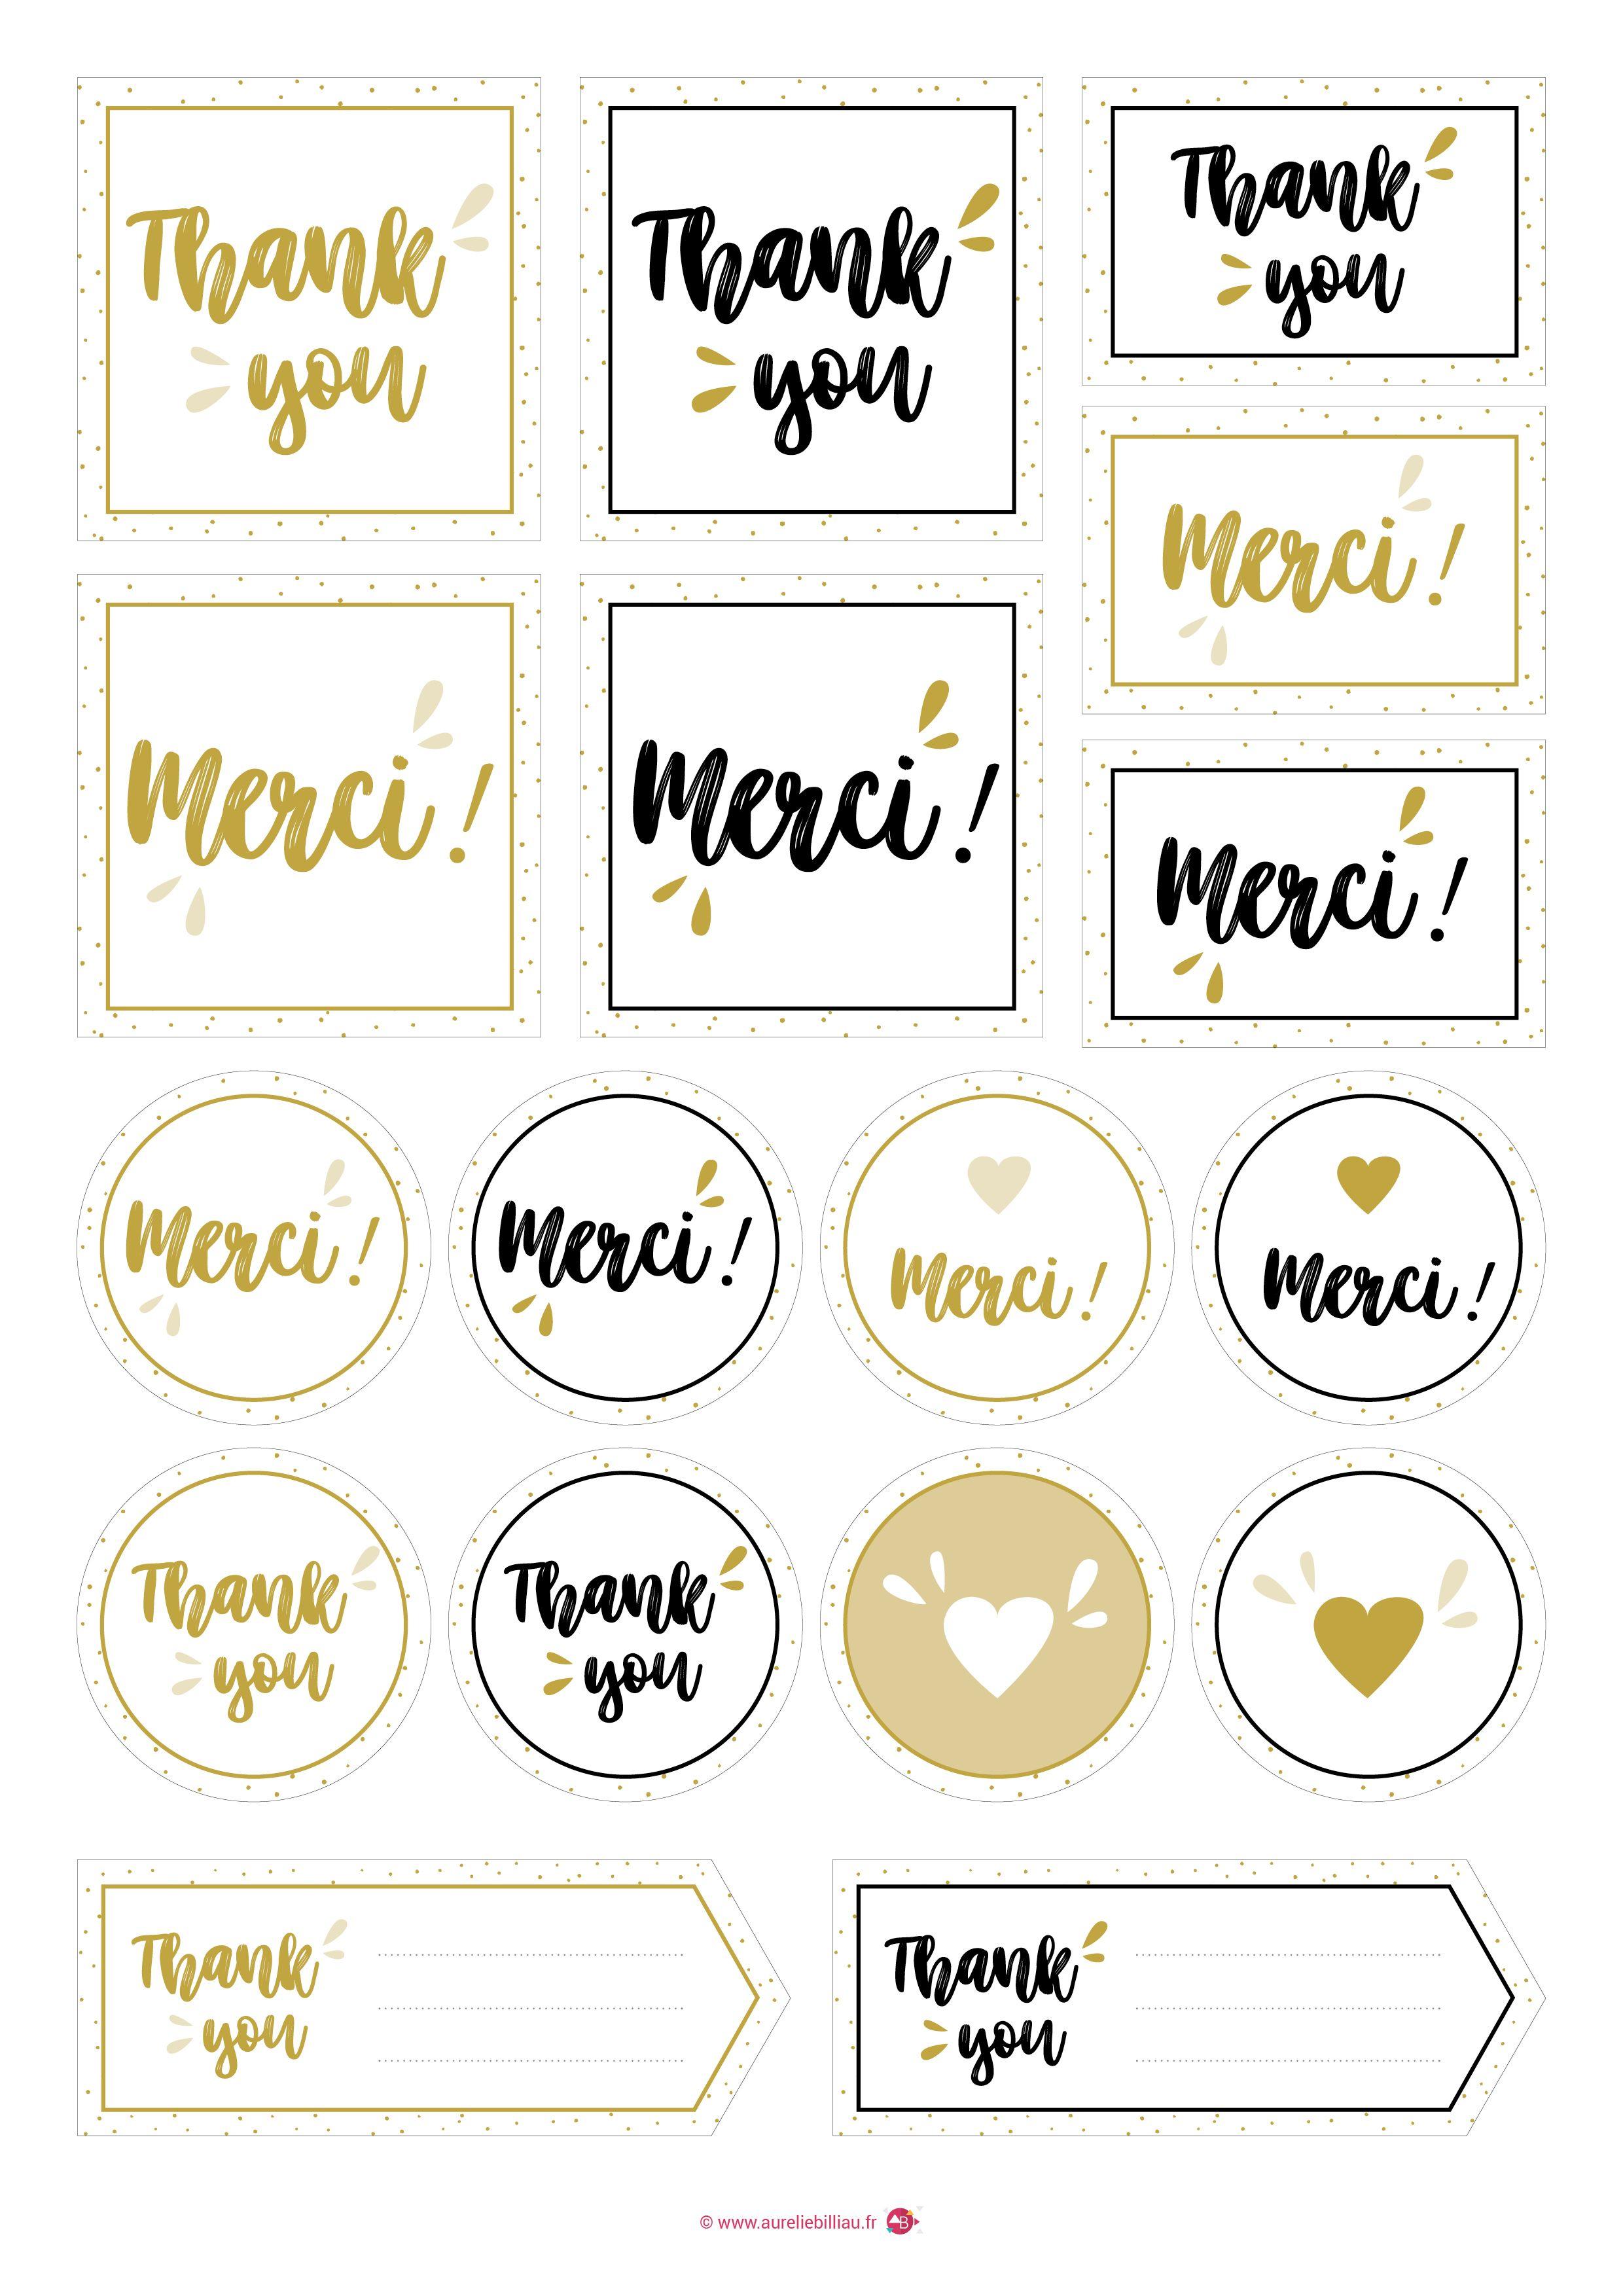 Freebies Etiquettes De Remerciement A Imprimer Gratuitement A Decouper Percer Coller Etiquette A Imprimer Gratuite Etiquette A Imprimer Etiquettes Merci